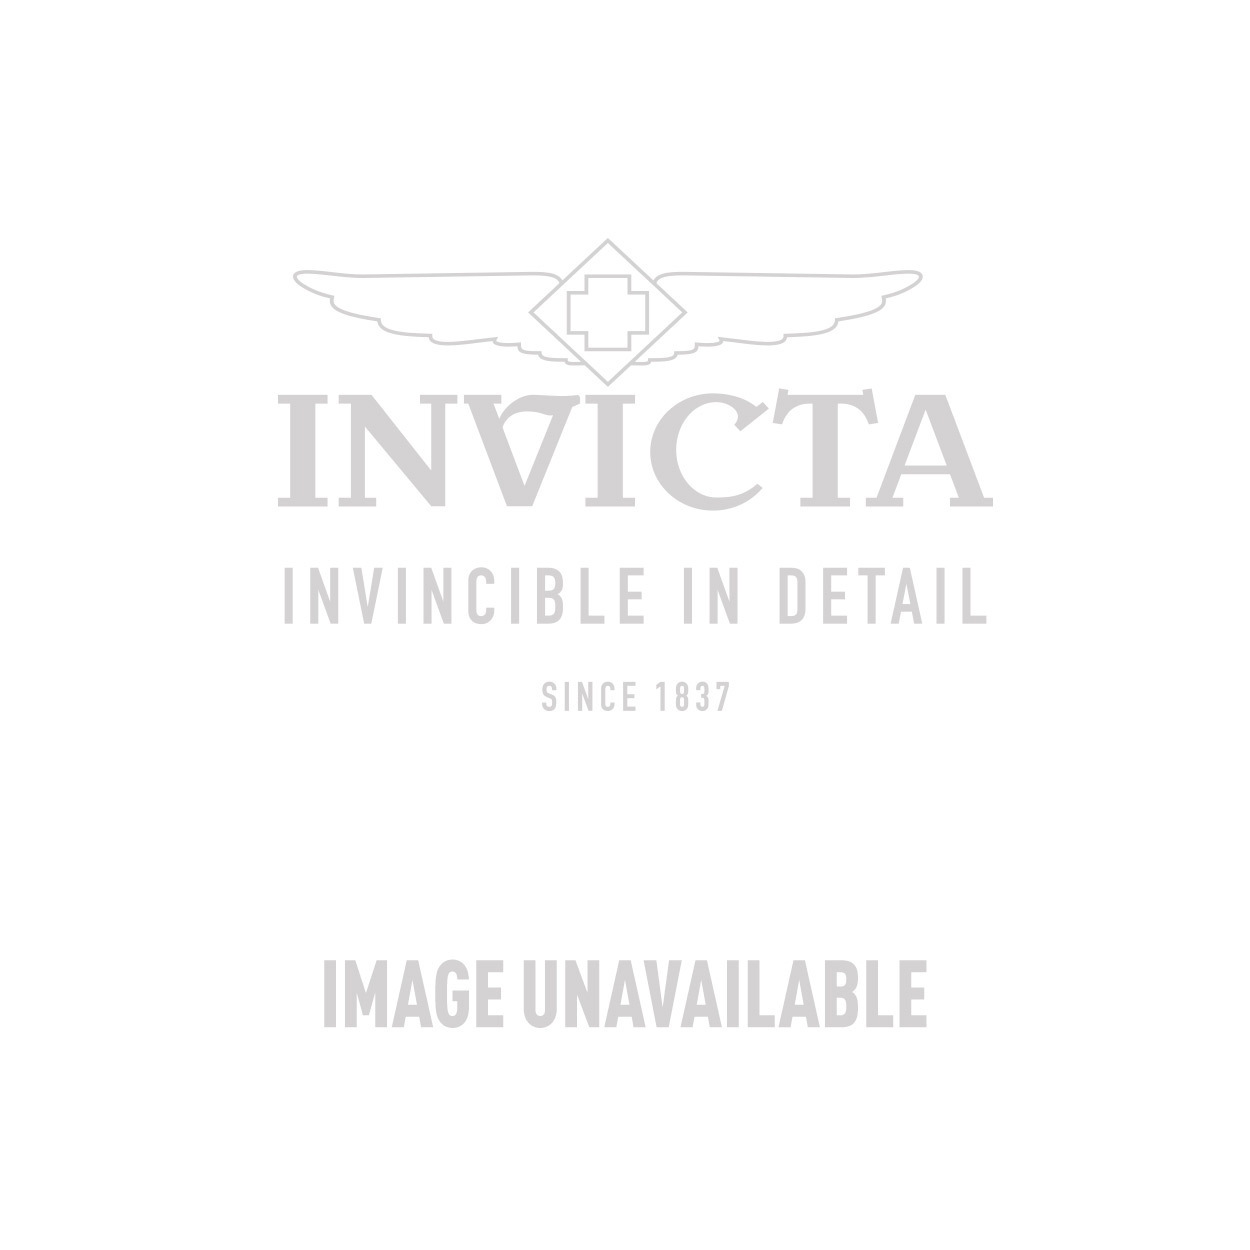 Invicta Model 28081